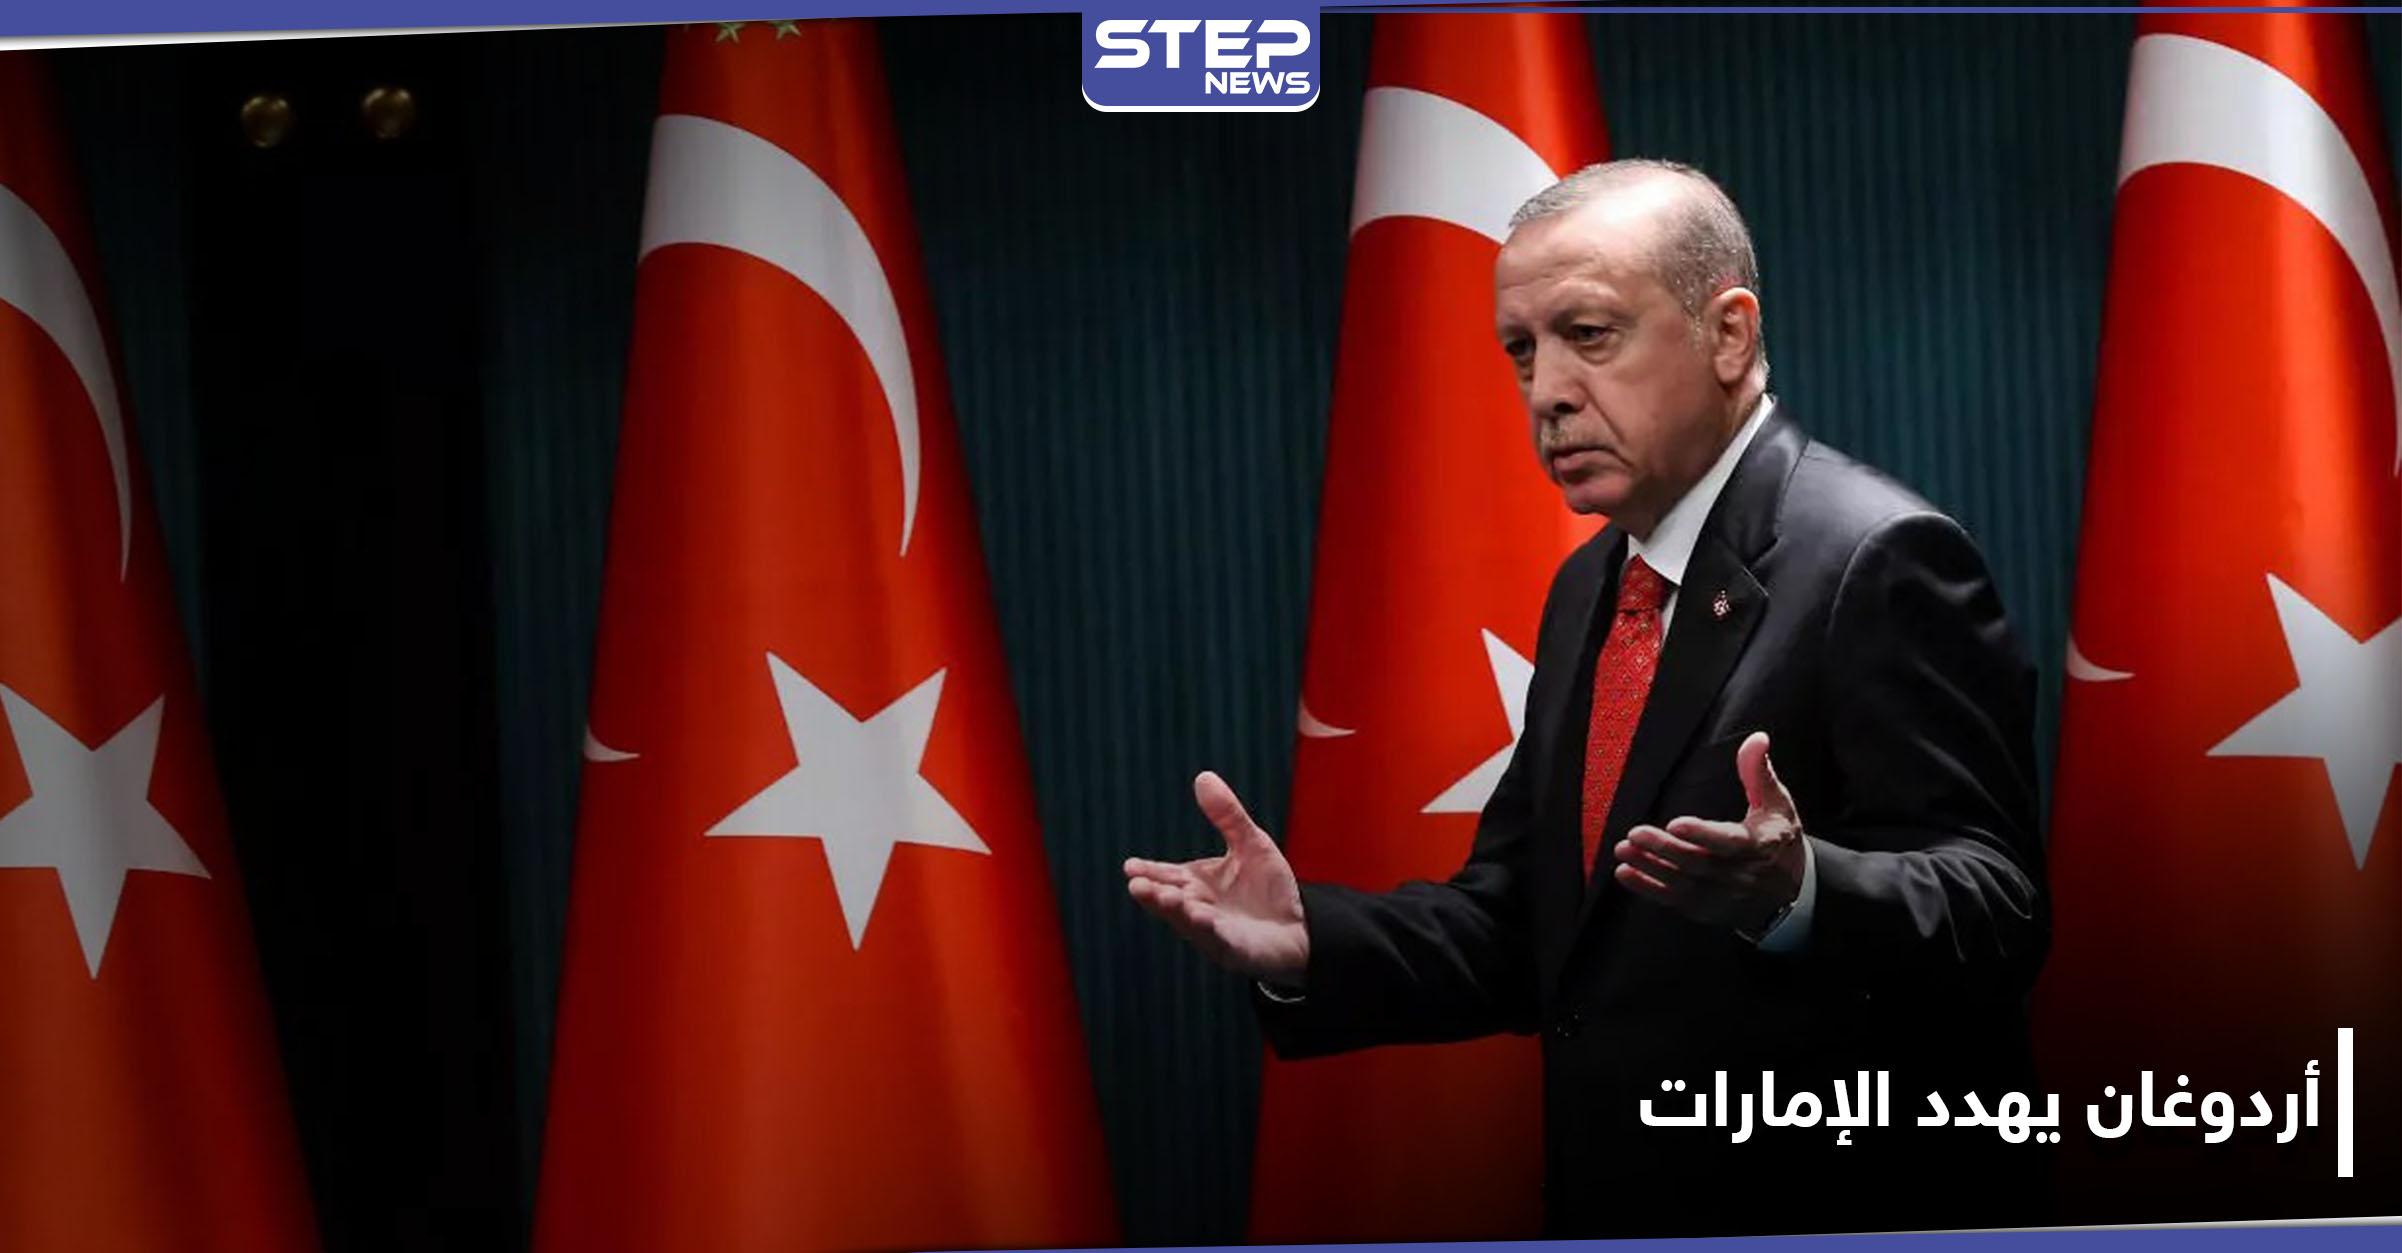 أردوغان يهدد الإمارات بهذا الإجراء بعد اتفاقها مع إسرائيل